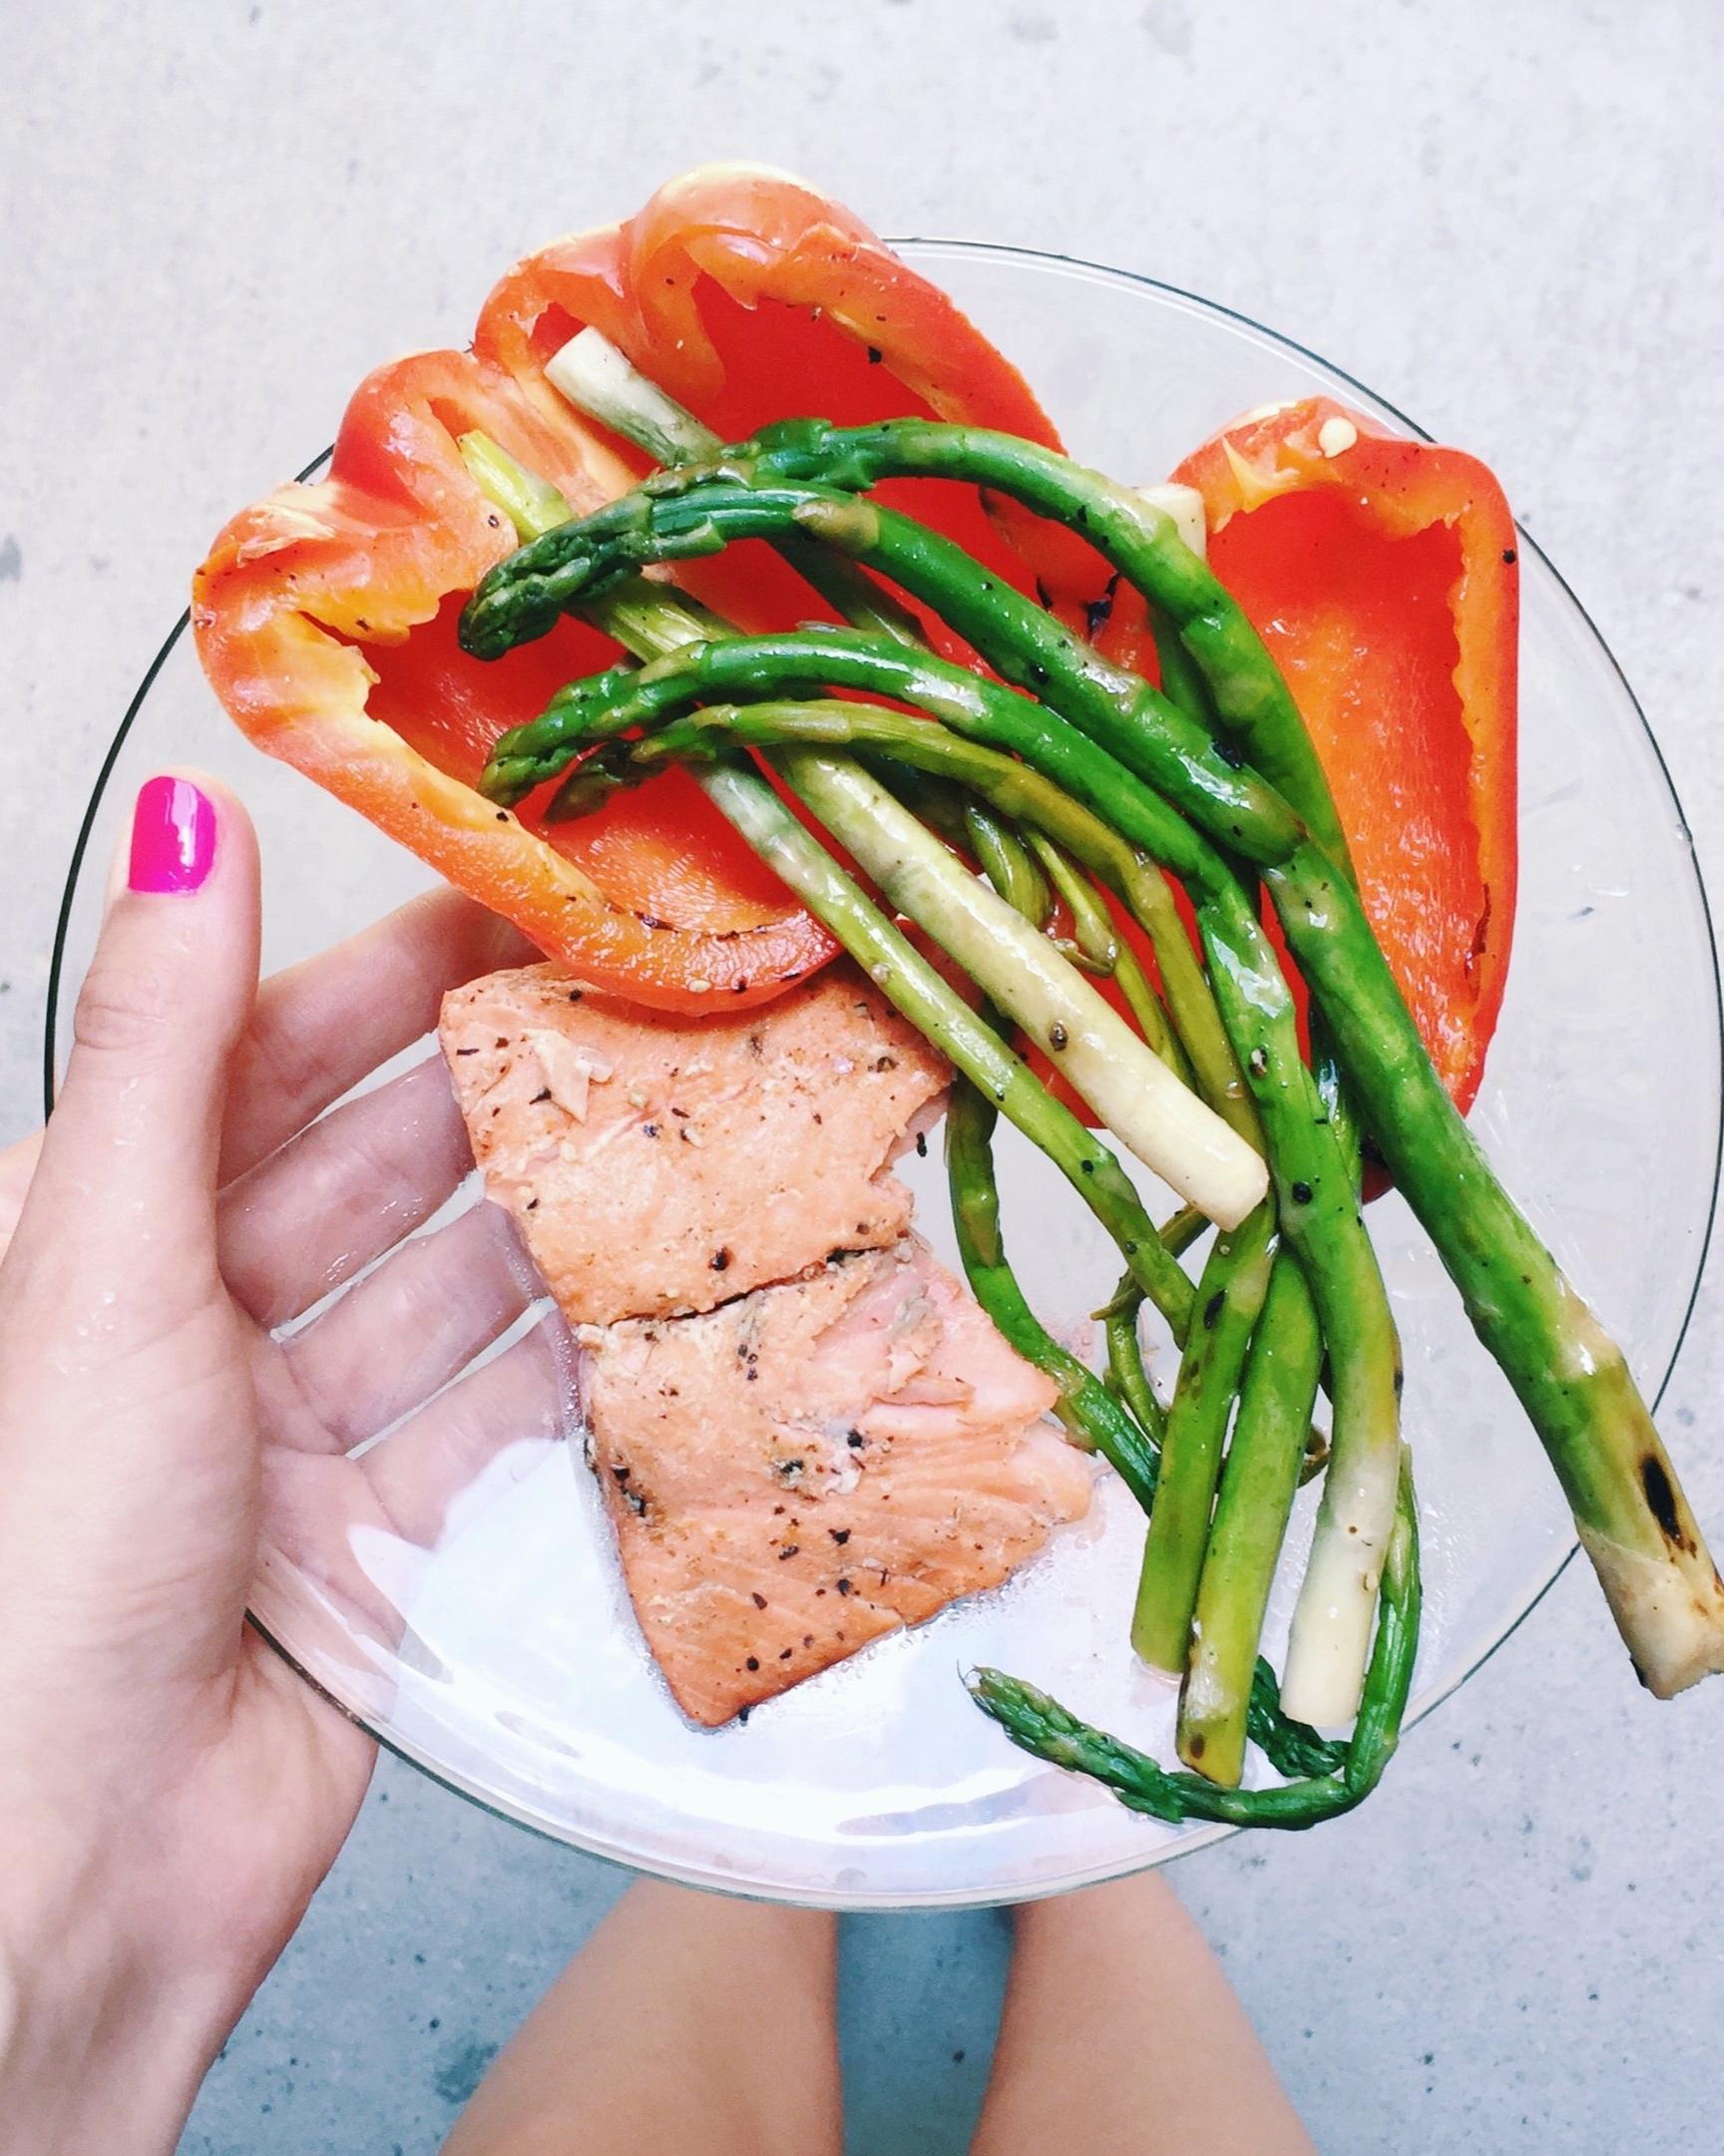 Salmon+and+veggies.jpg